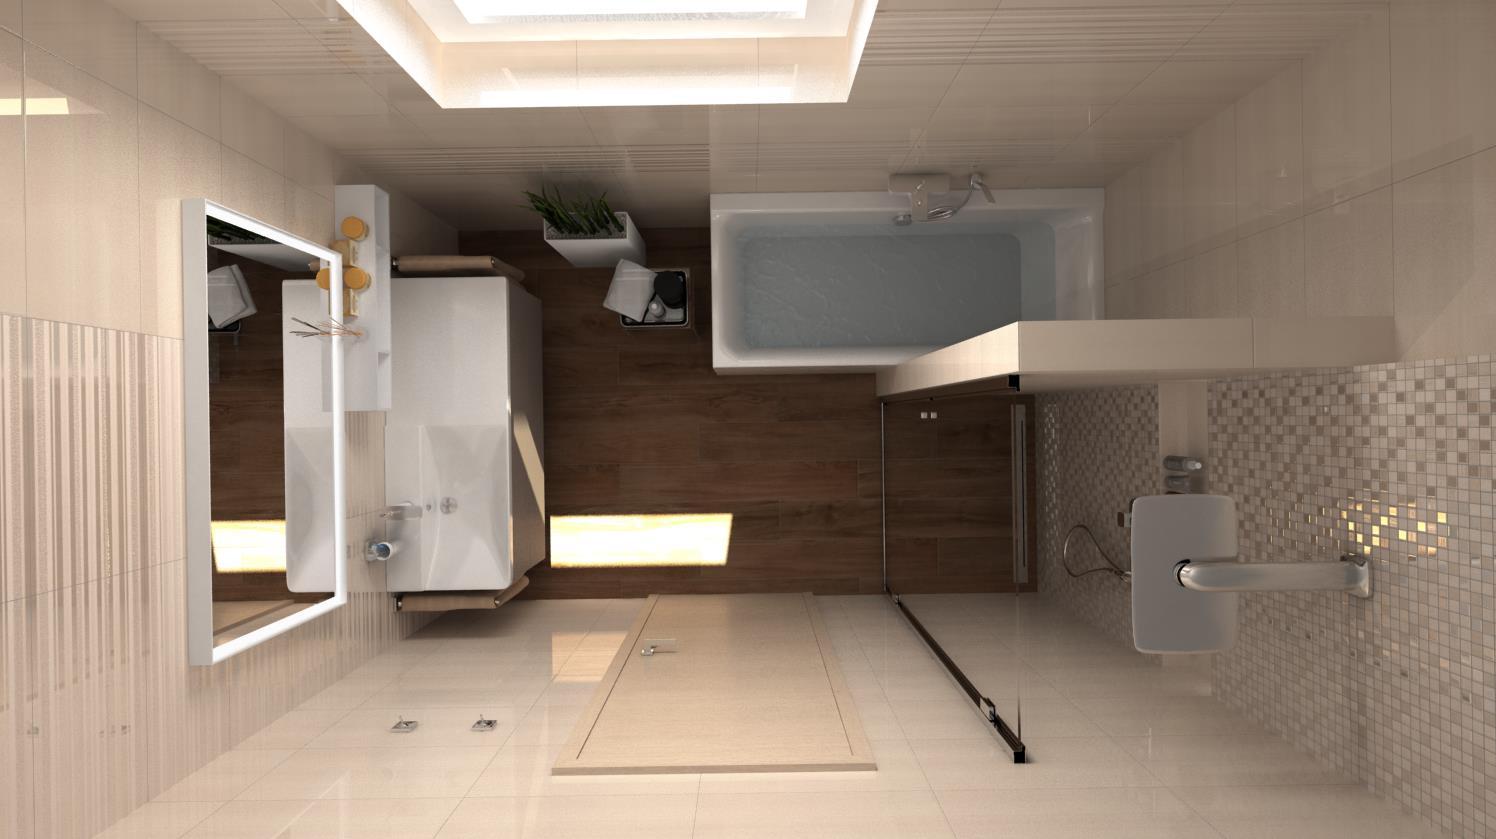 Vizualizácie kúpeľní - Vizualizácia kúpeľne - 1. variant dispozičného riešenia